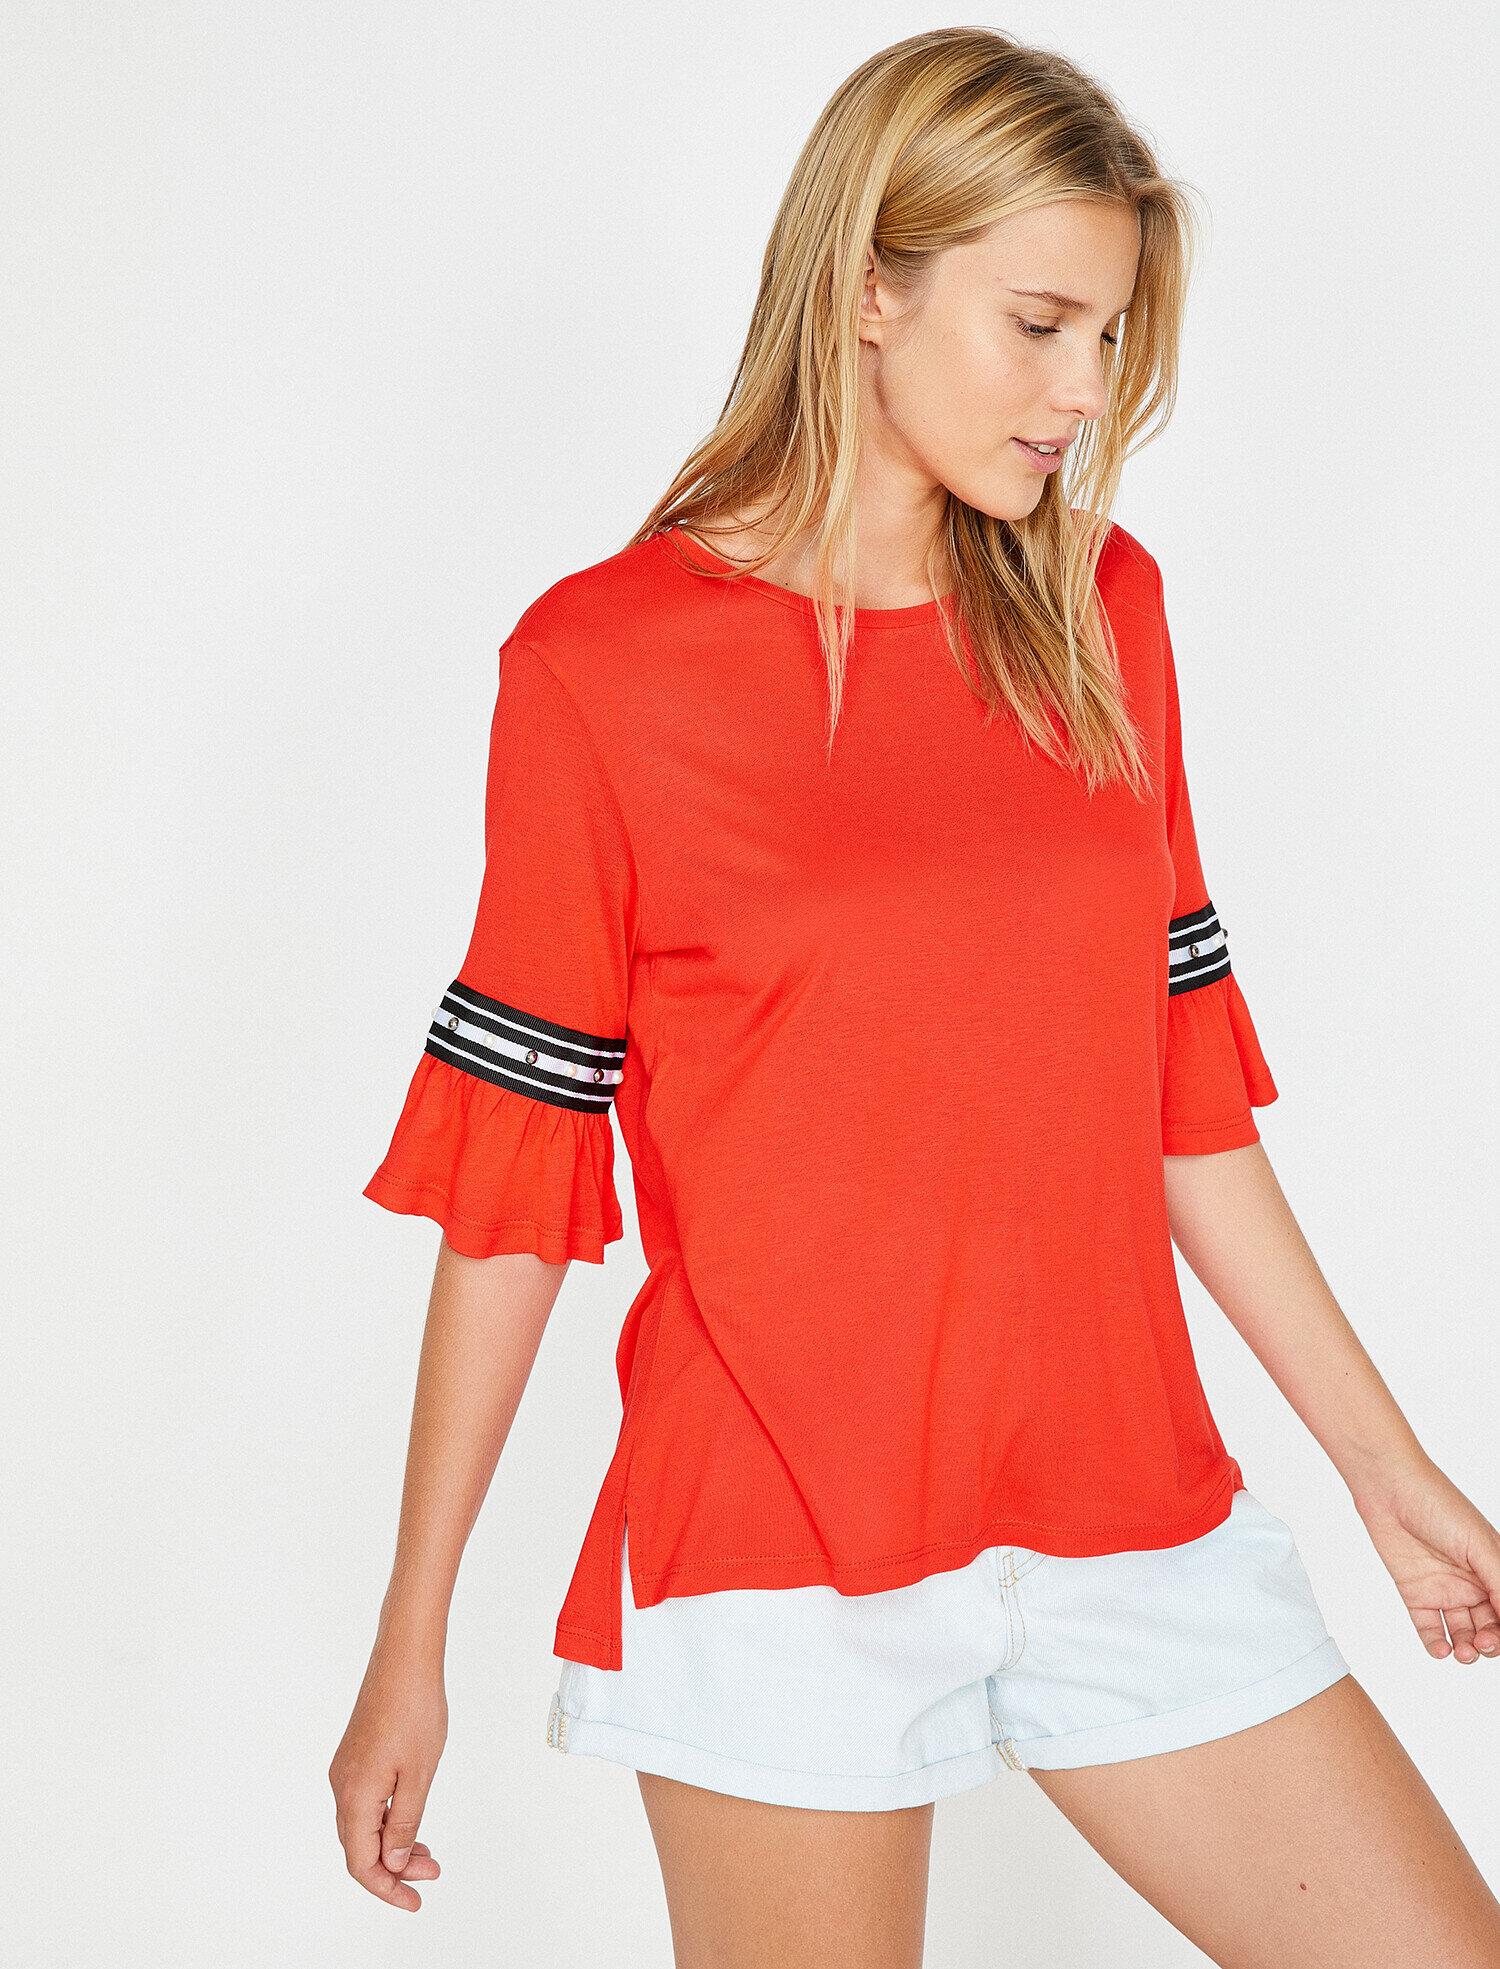 Koton Kadın Firfir Detayli T-Shirt Kırmızı Ürün Resmi